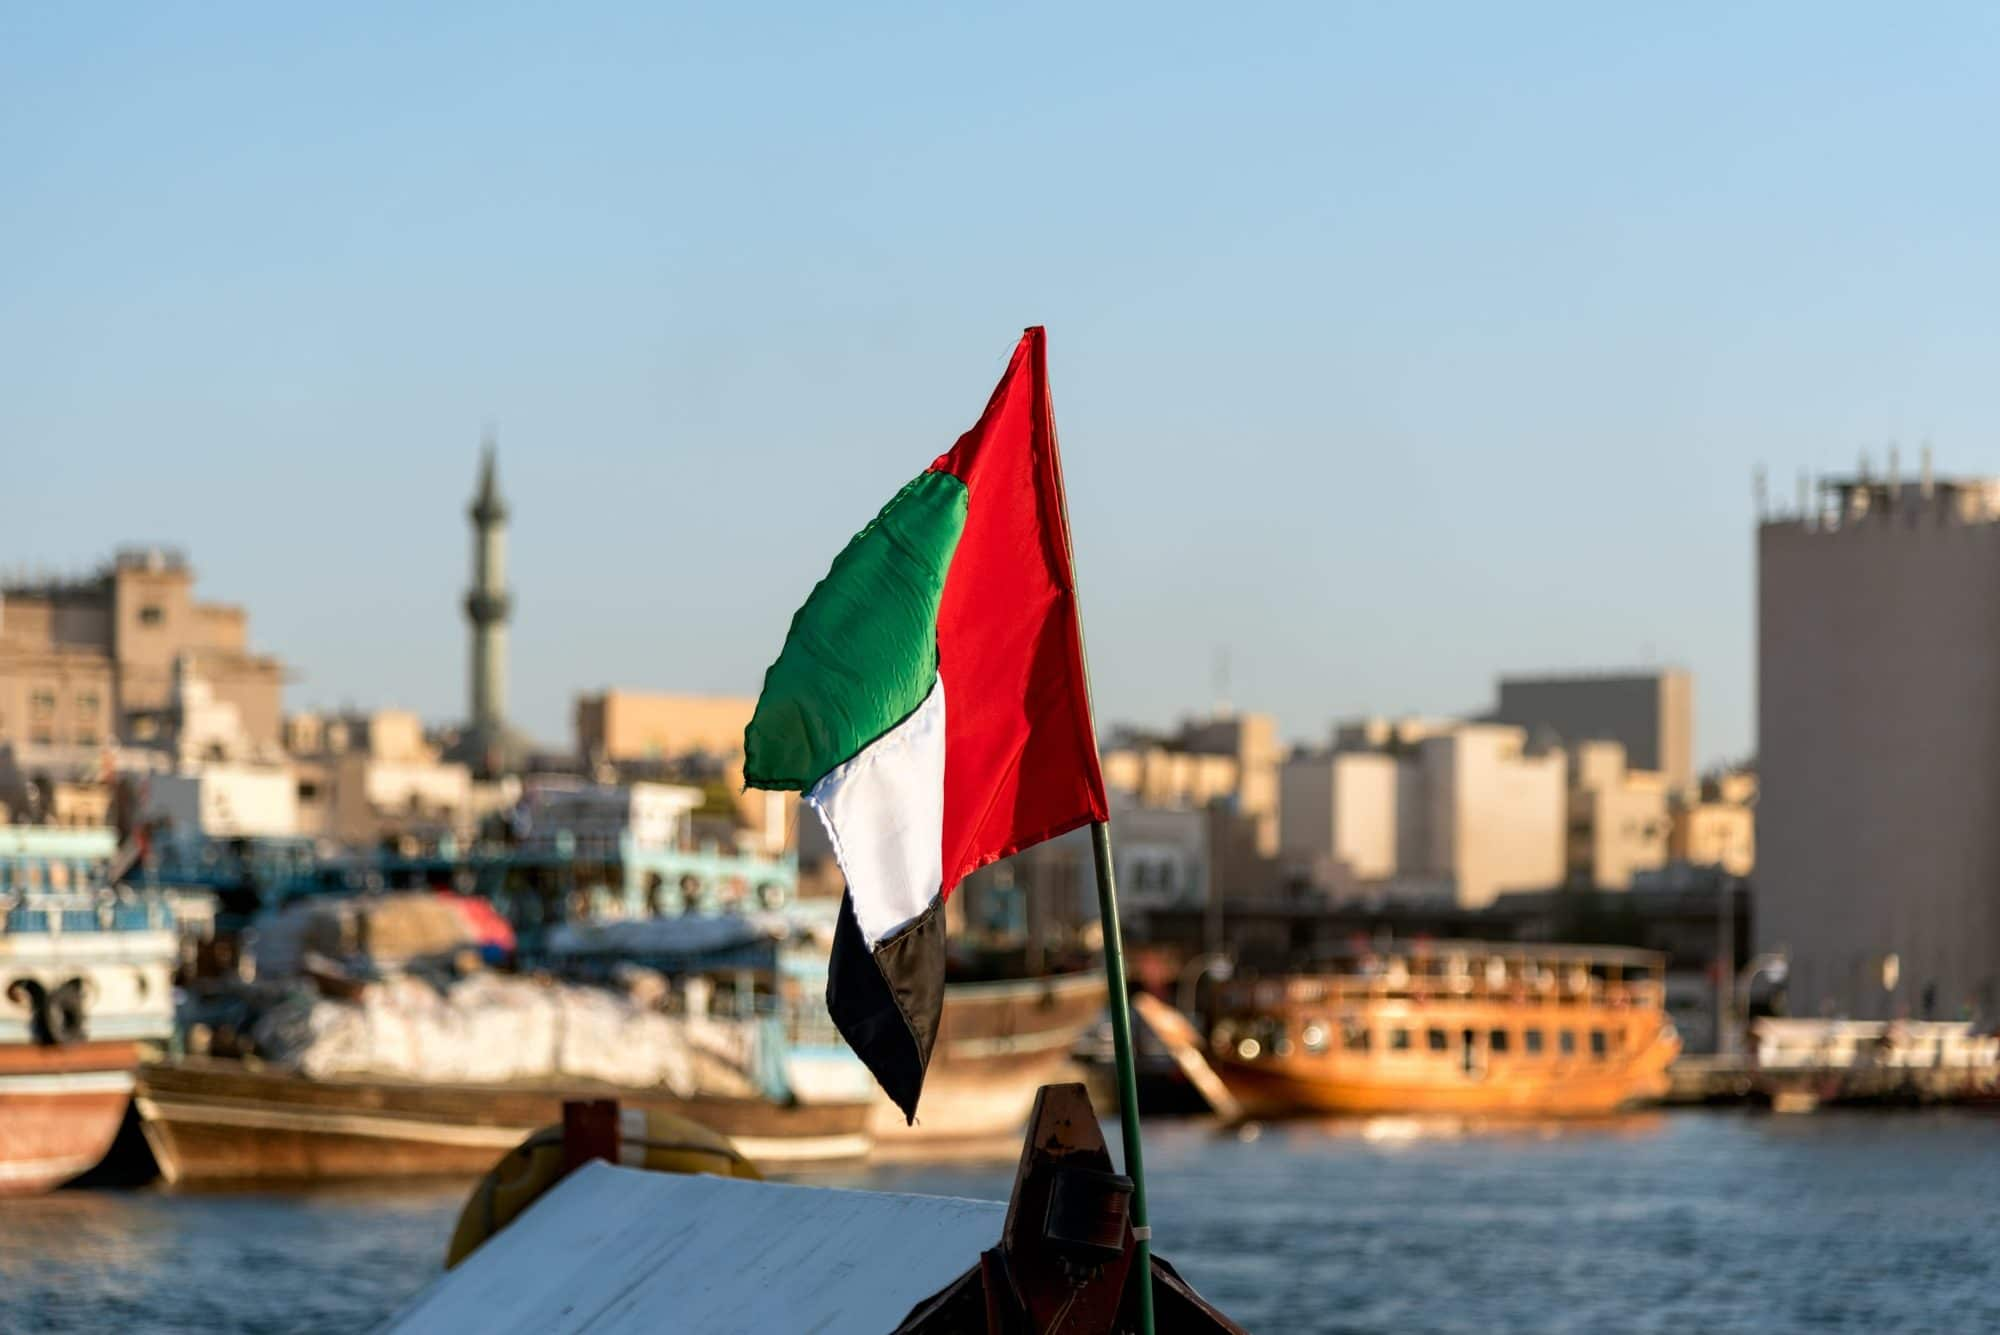 كاتب: انسحاب إماراتي قريب من ملف اليمن وليبيا وتونس.. ما علاقة طالبان